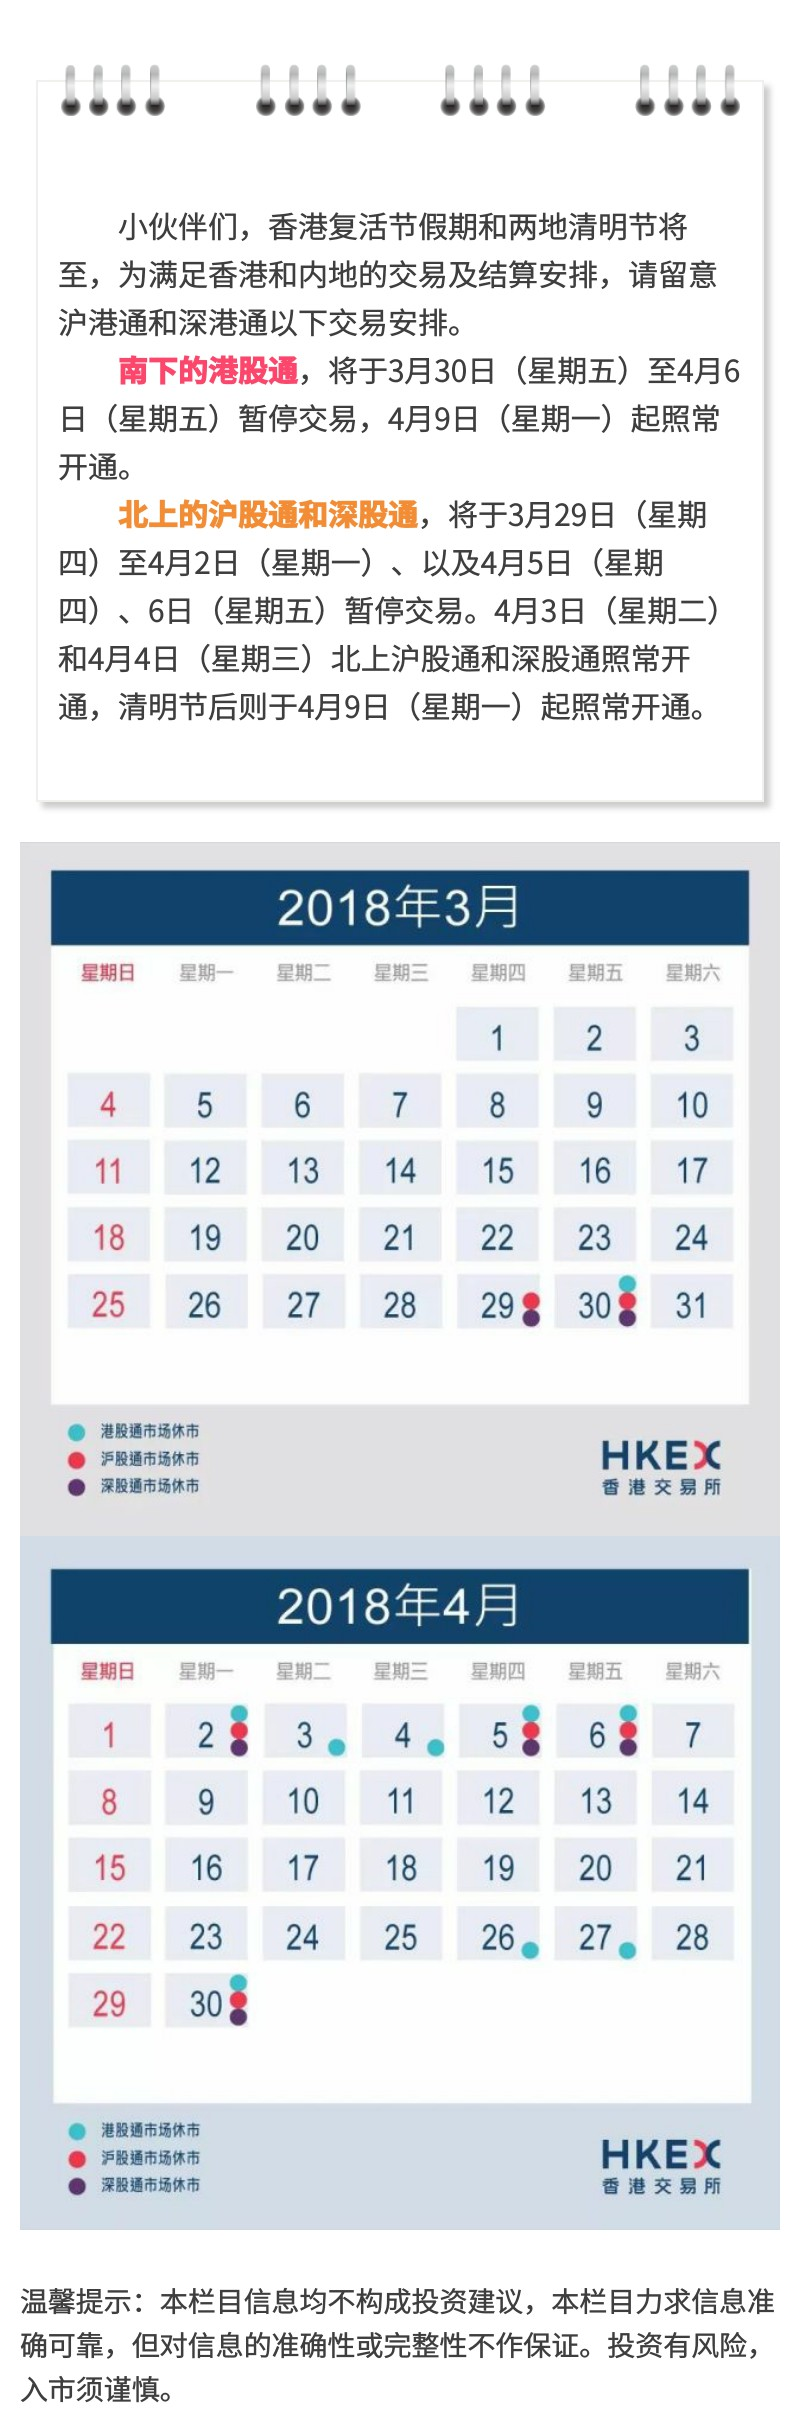 香港复活节假期和两地清明节期间沪深港通交易安排.jpg